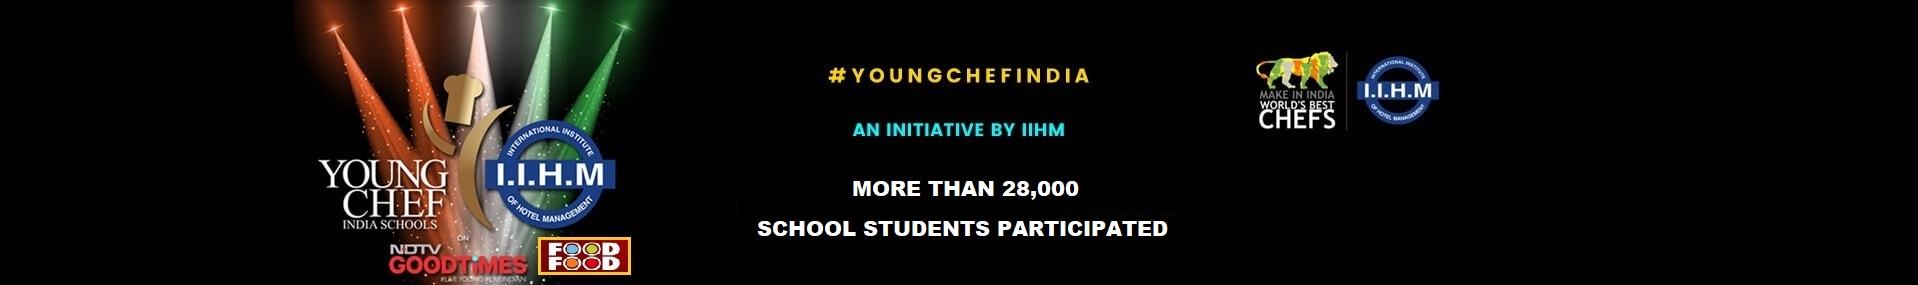 IIHM - Best Hotel Management College in India | Top Hotel School